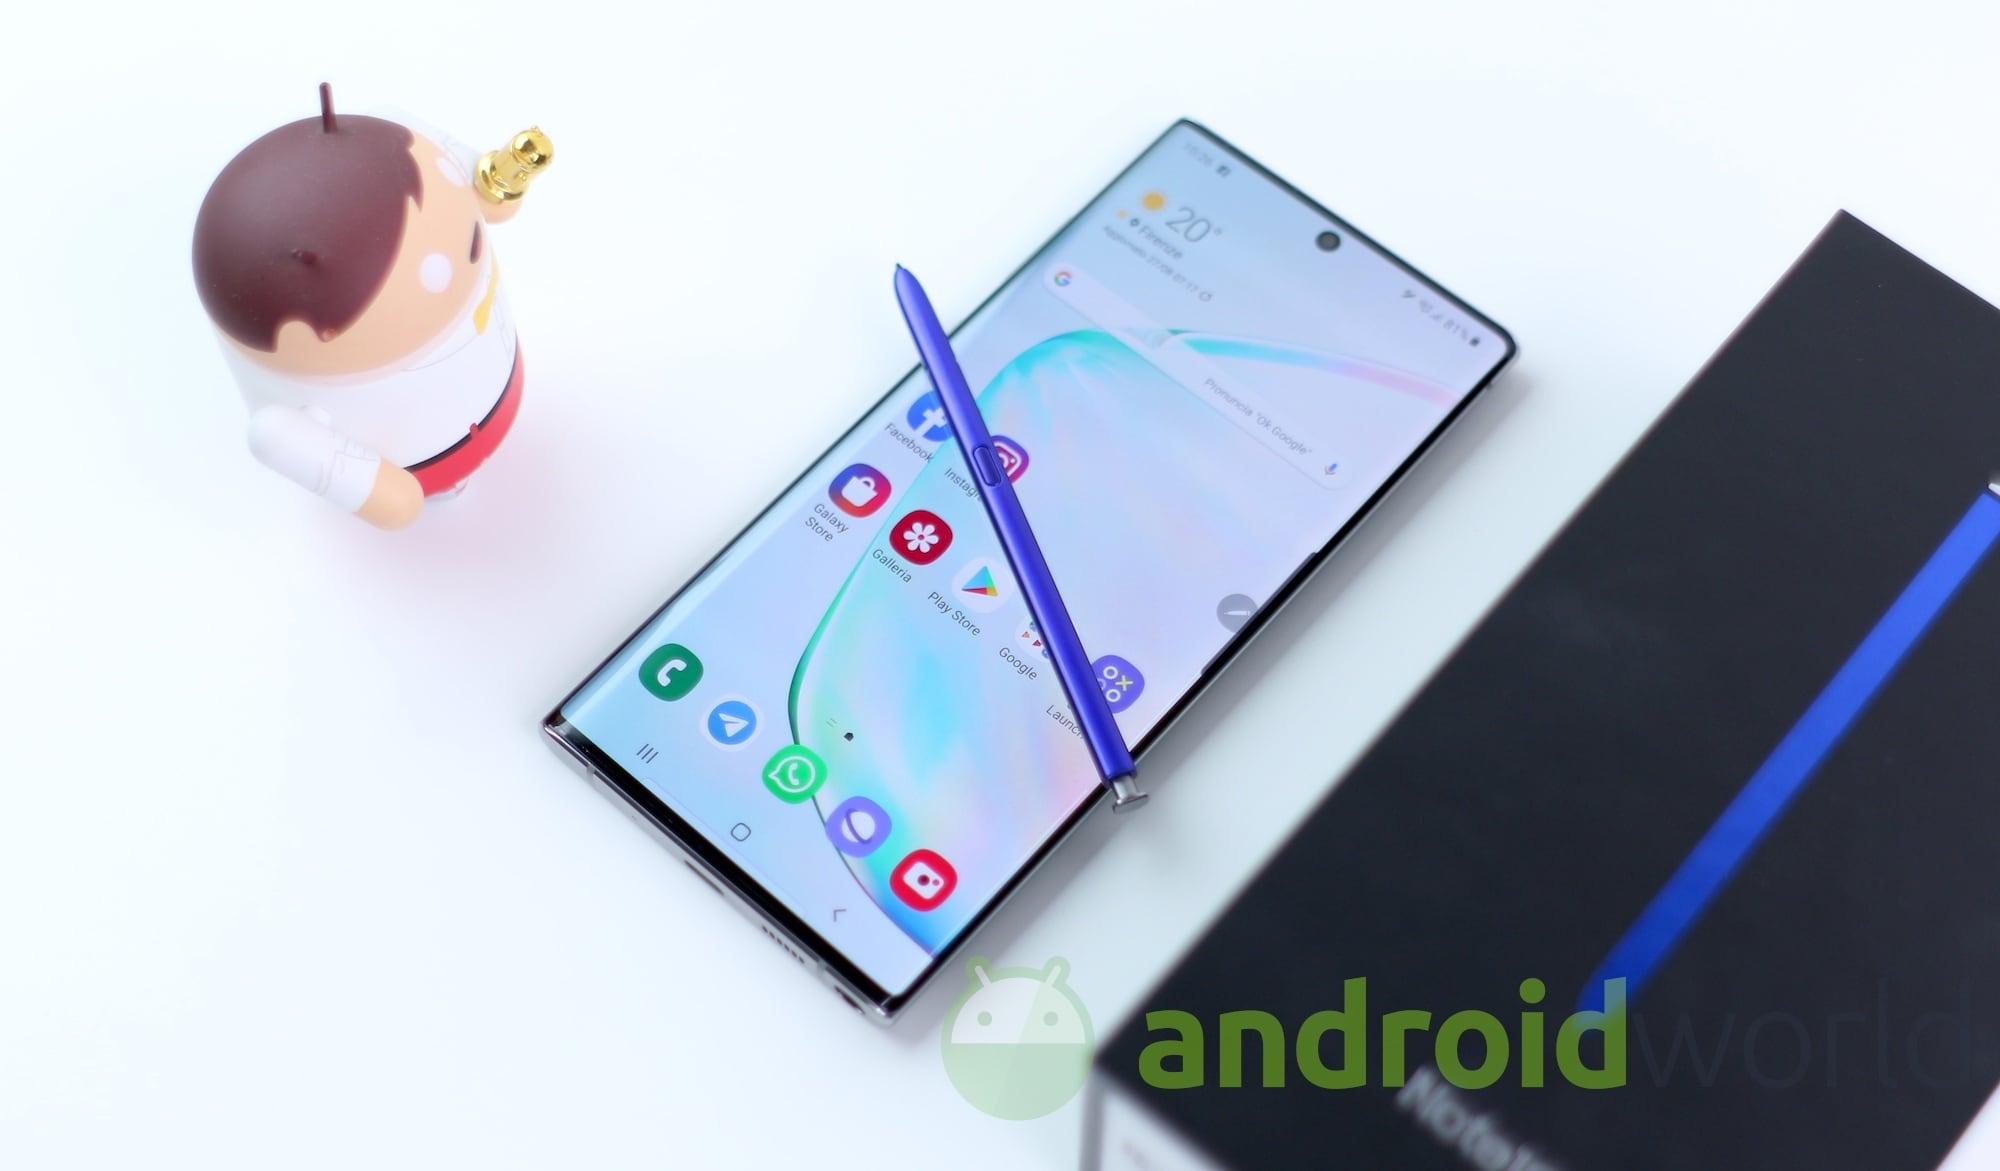 Galaxy Note 10 non aspetta Android 10 e introduce già la sincronizzazione della galleria con OneDrive